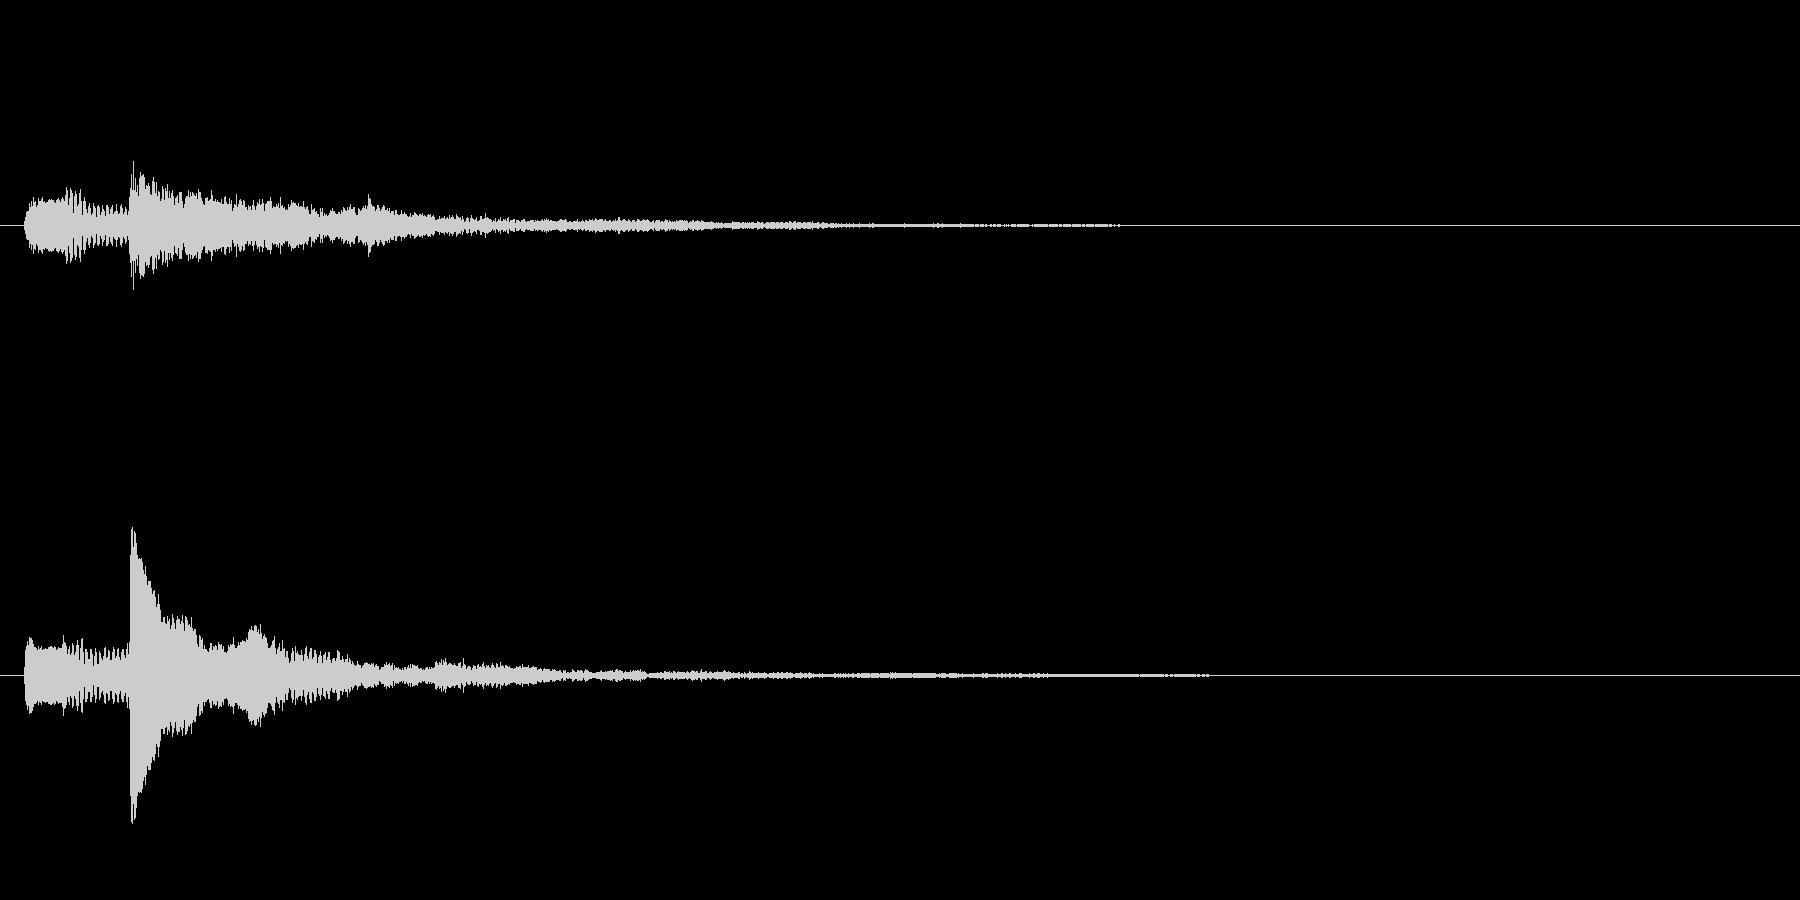 ピアノのワンショット効果音03の未再生の波形